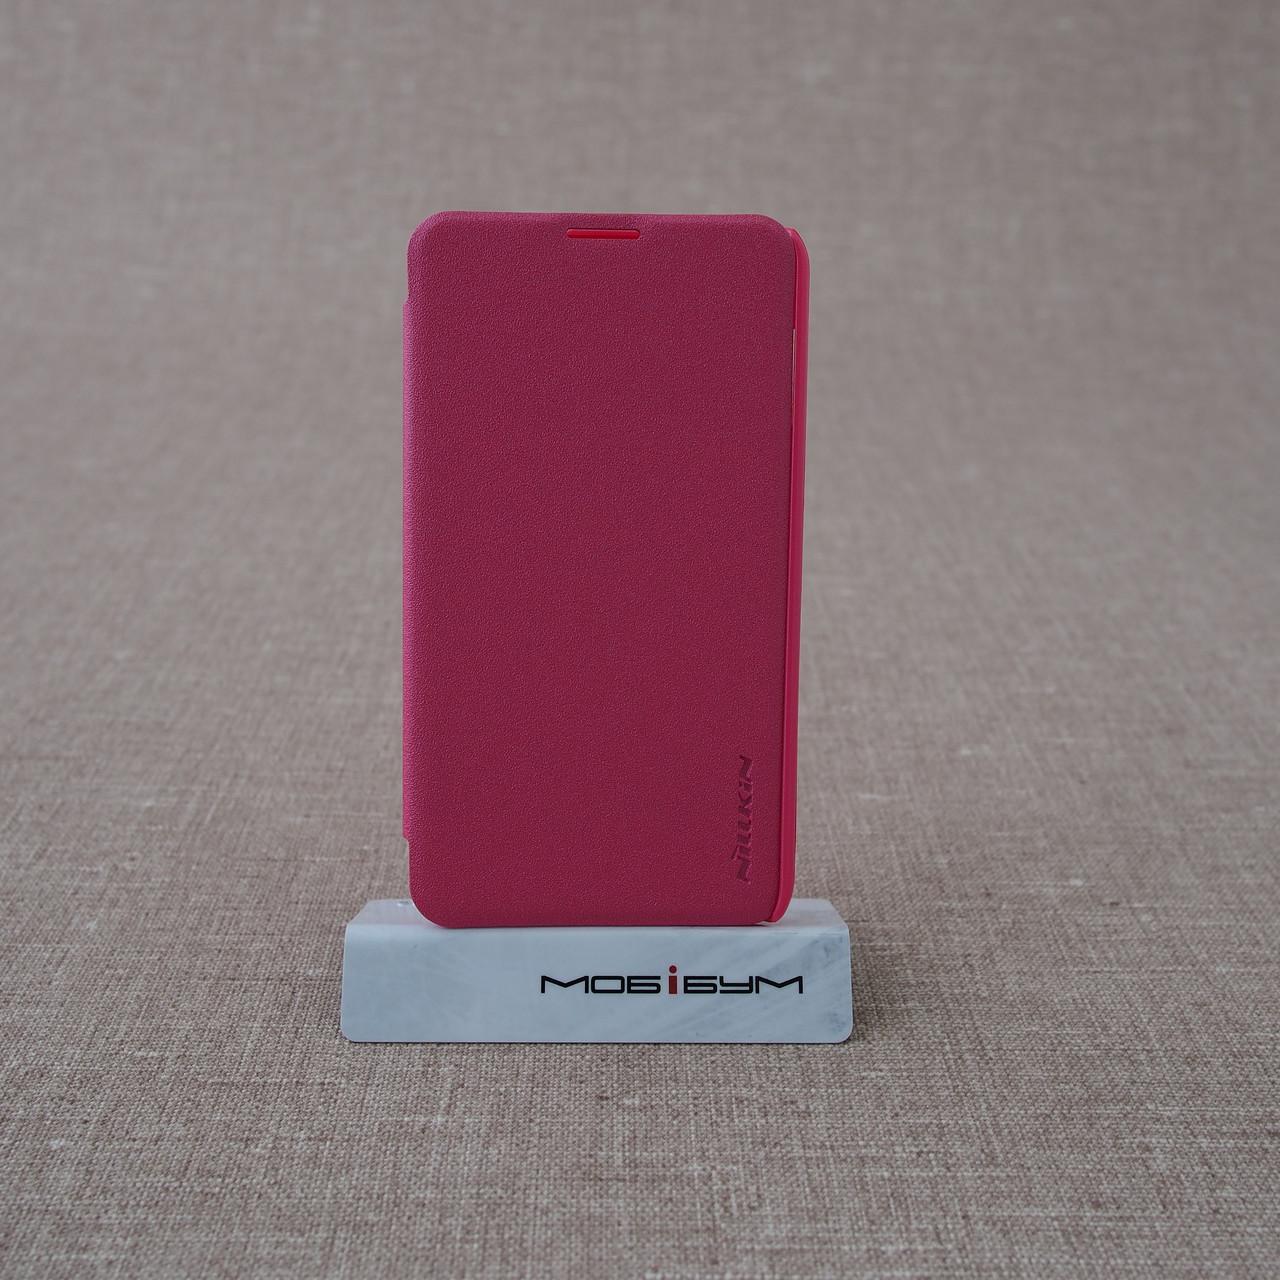 Чехол Nillkin Sparkle Nokia Lumia 530 pink EAN/UPC: 6956473289579